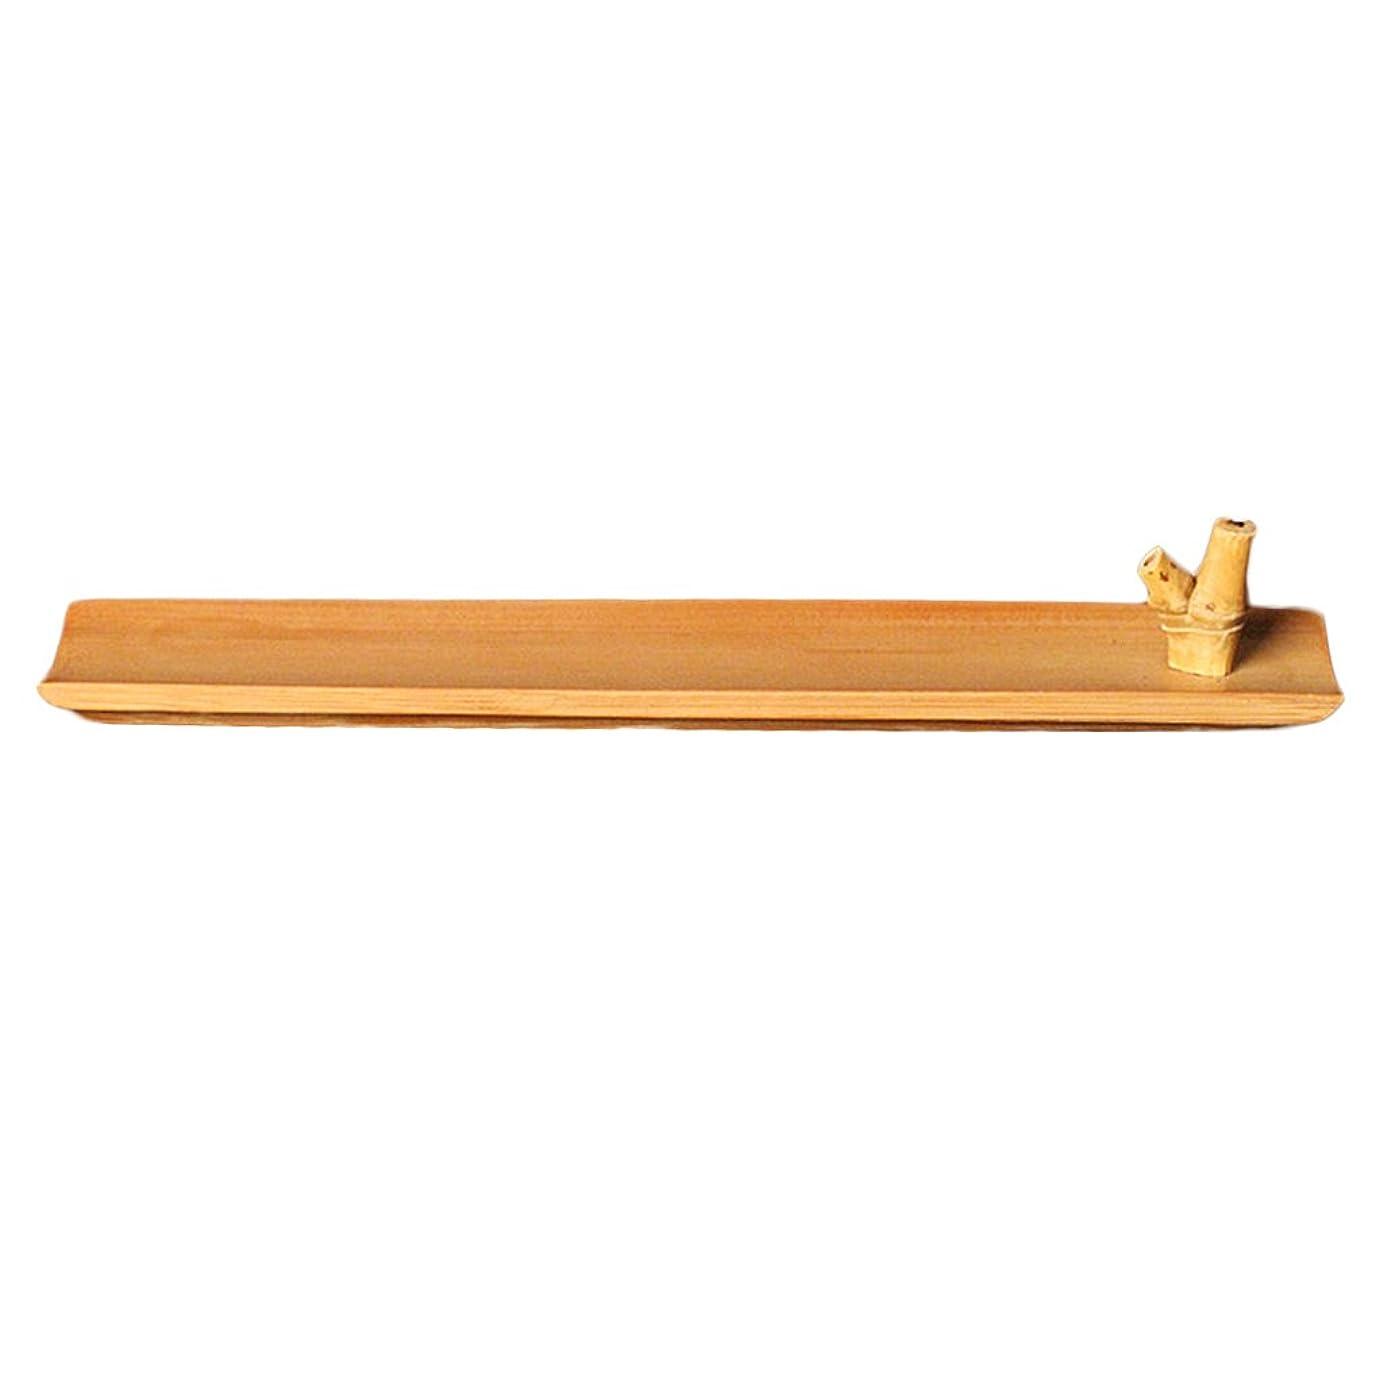 オーバーヘッドチェスをするあるHomyl 竹 お香立て スティック 香 ホルダー バーナースティック 手作り 工芸品 24センチメートル ヨガ、レイキ、マッサージ、太極拳、瞑想の愛好家に最適